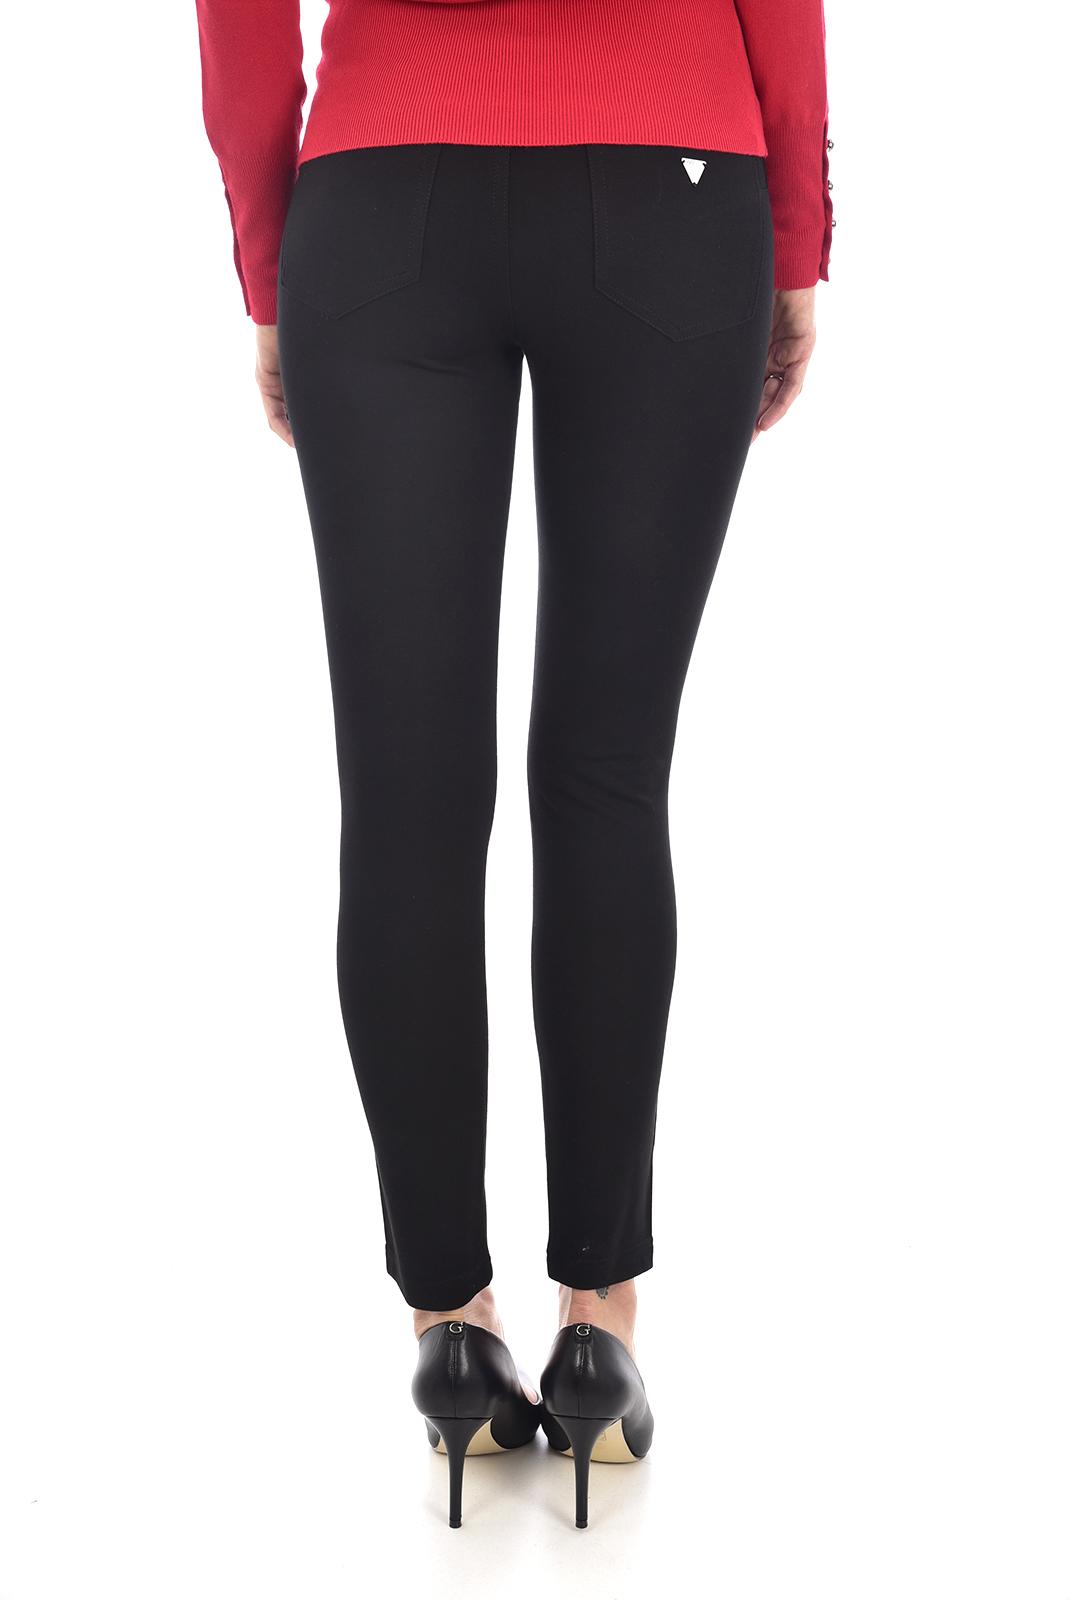 Pantalons  Guess jeans W94AJ2 K8RN0 curve x Jet Black A996